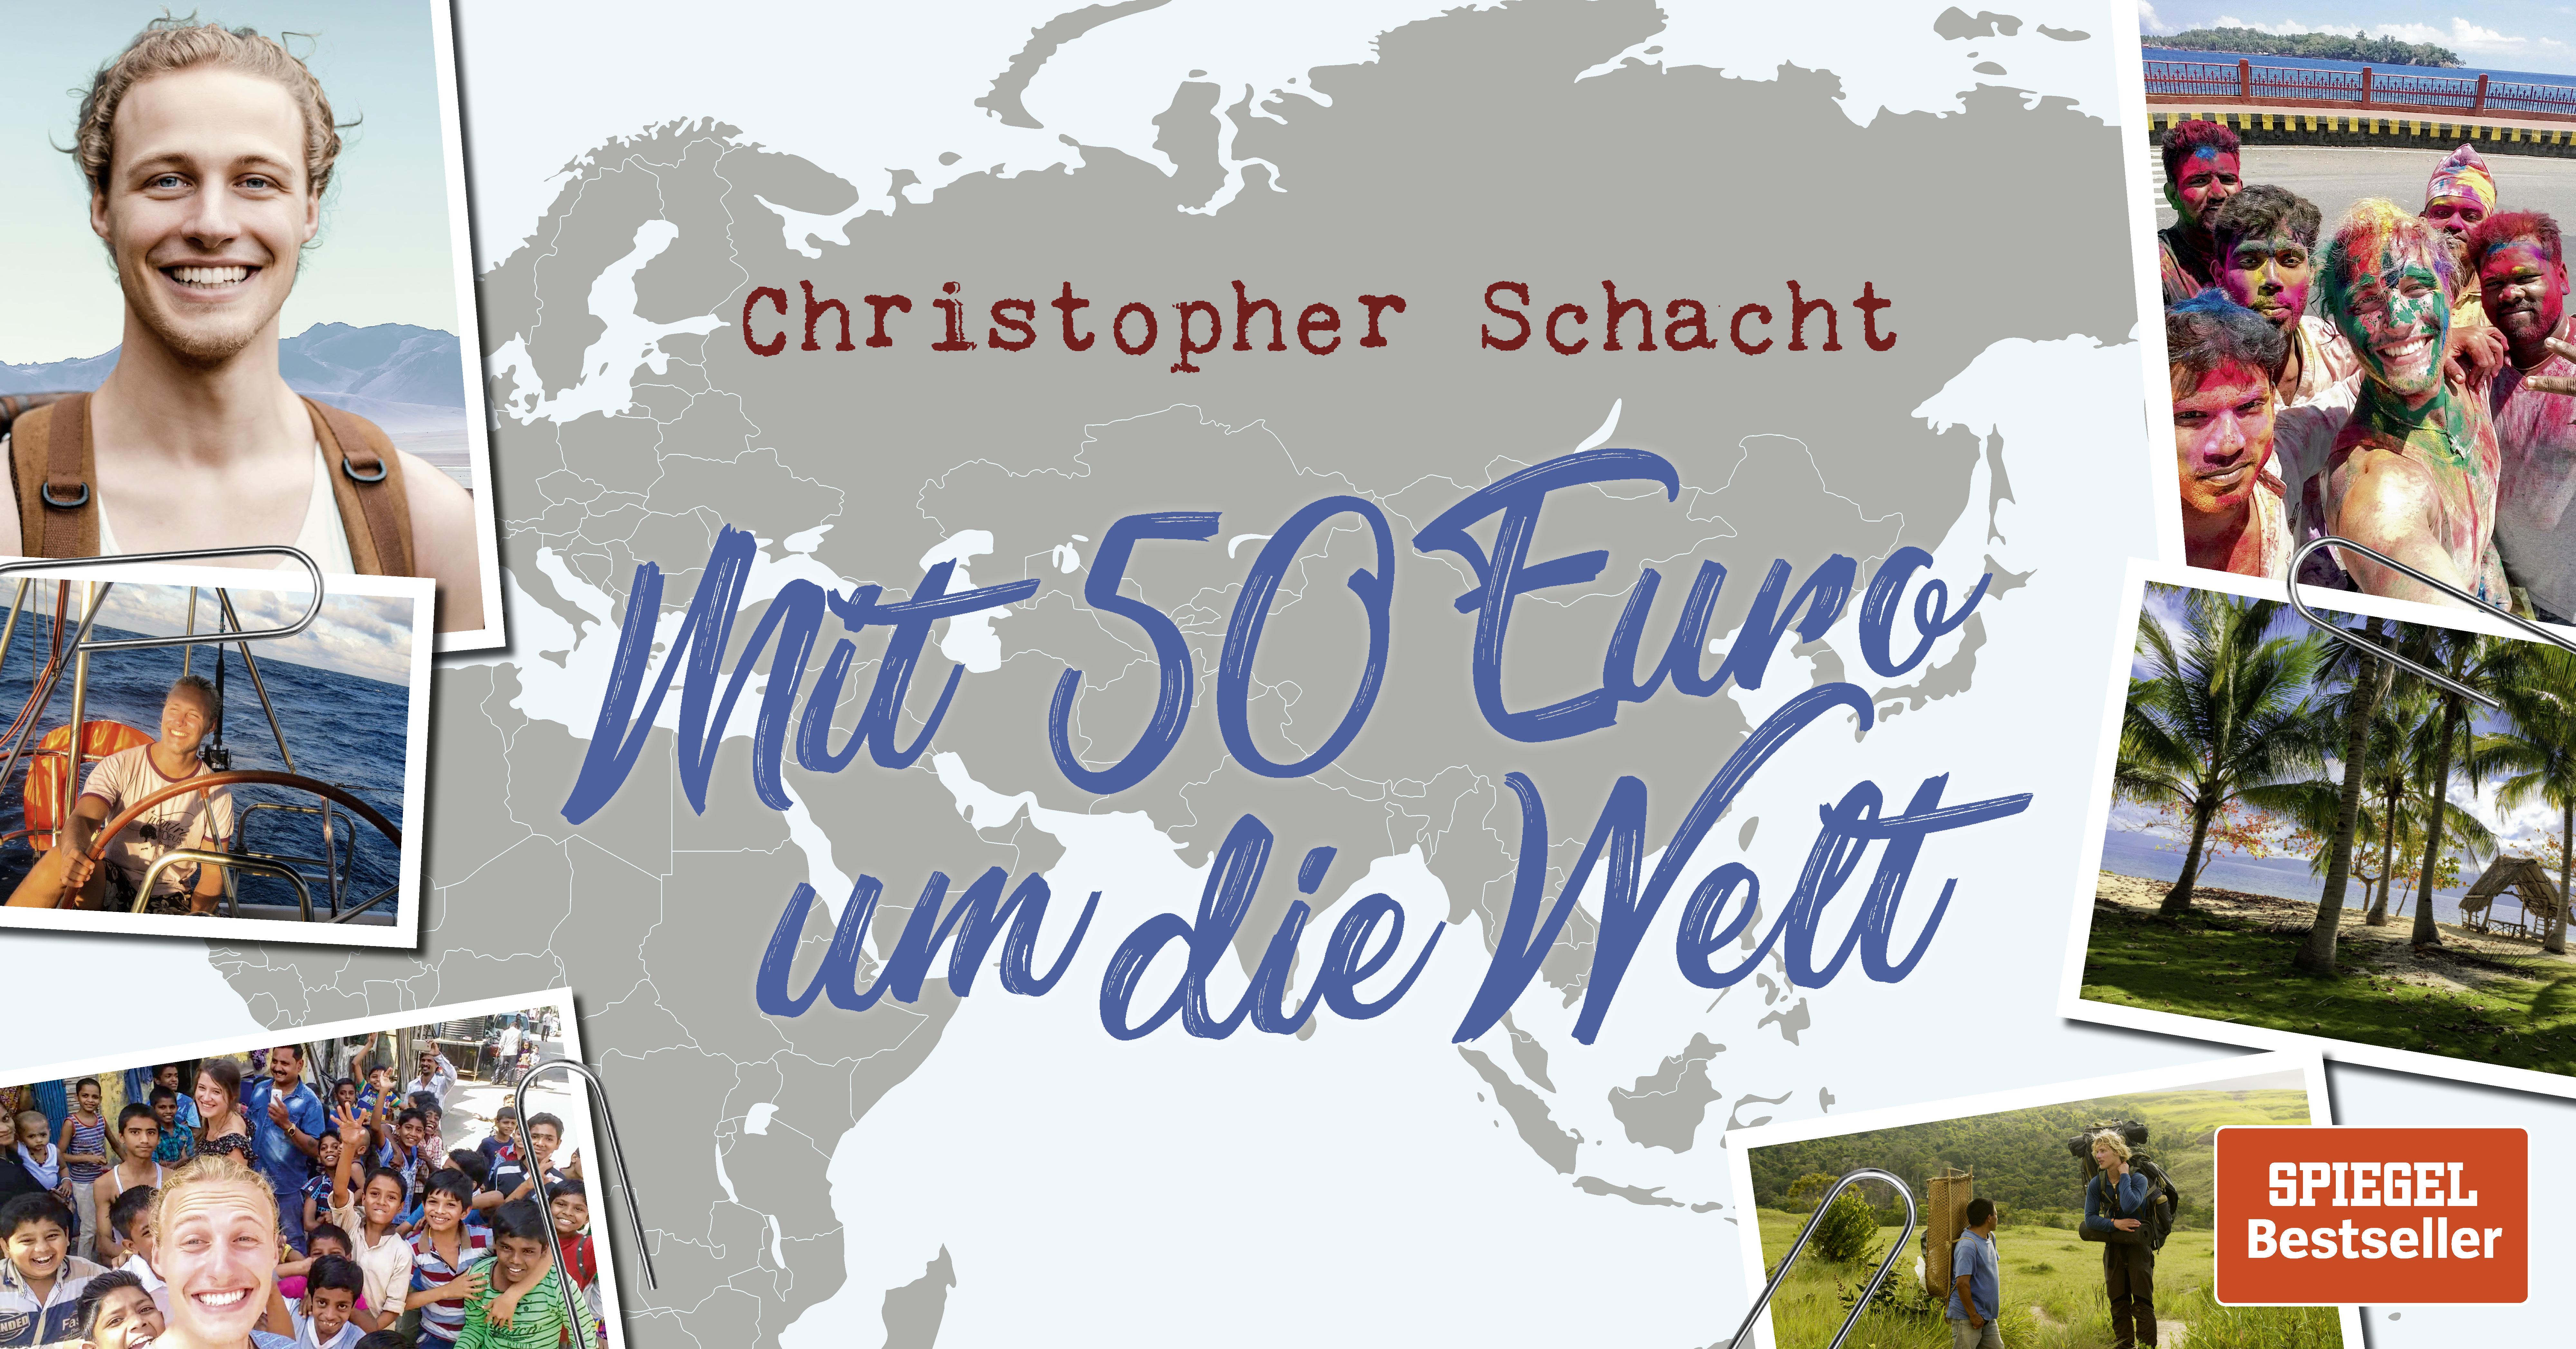 Banner-FB-Veranstaltung_Schacht_Mit-50-Euro-um-die-Welt_SPIEGEL-Bestseller